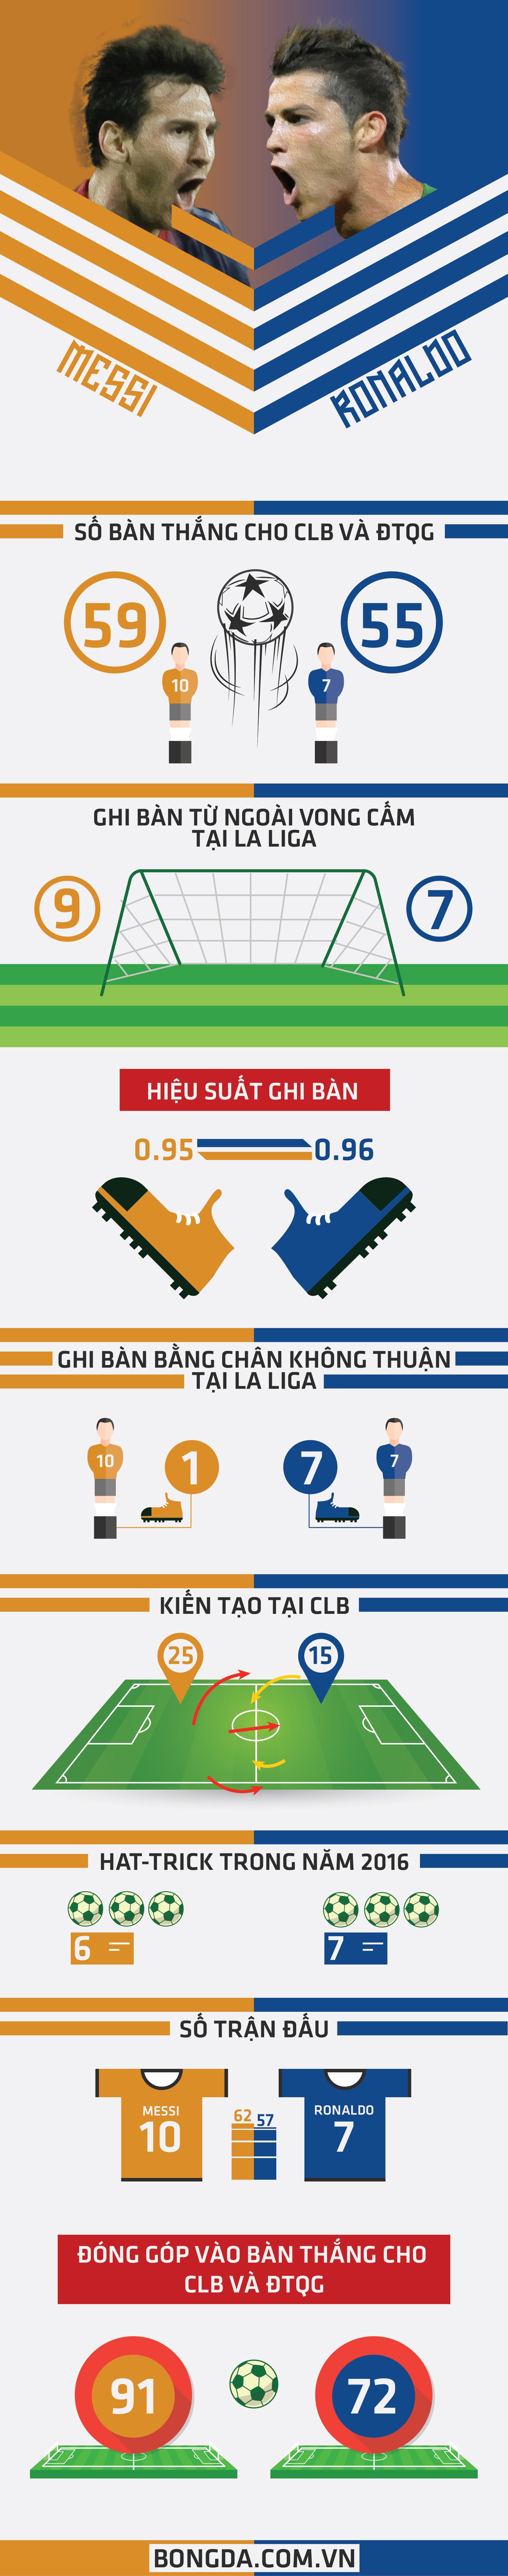 [Infographic] – Lionel Messi vs Cristiano Ronaldo – ai xuất sắc hơn ai?